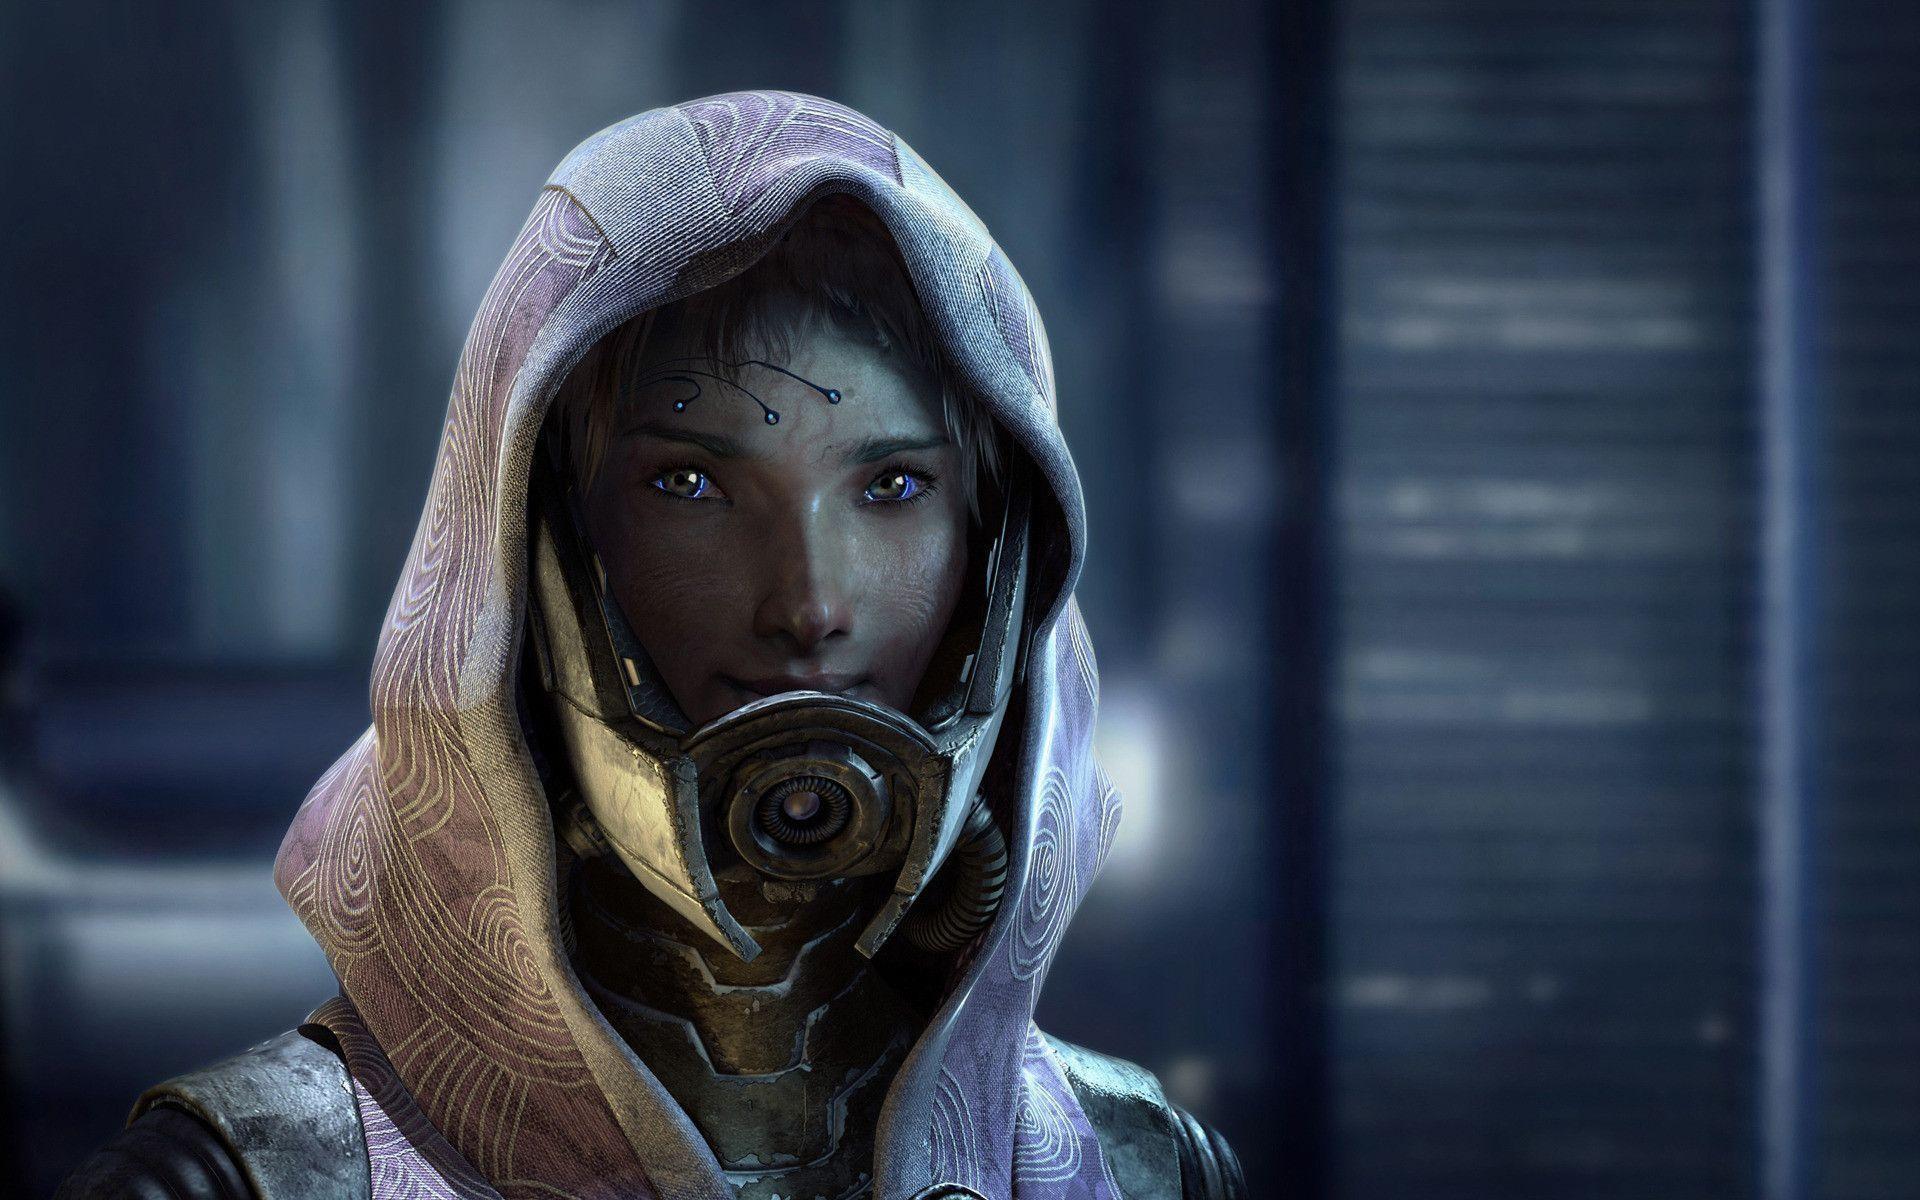 Tali'Zorah vas Neema – Mass Effect Wallpaper #